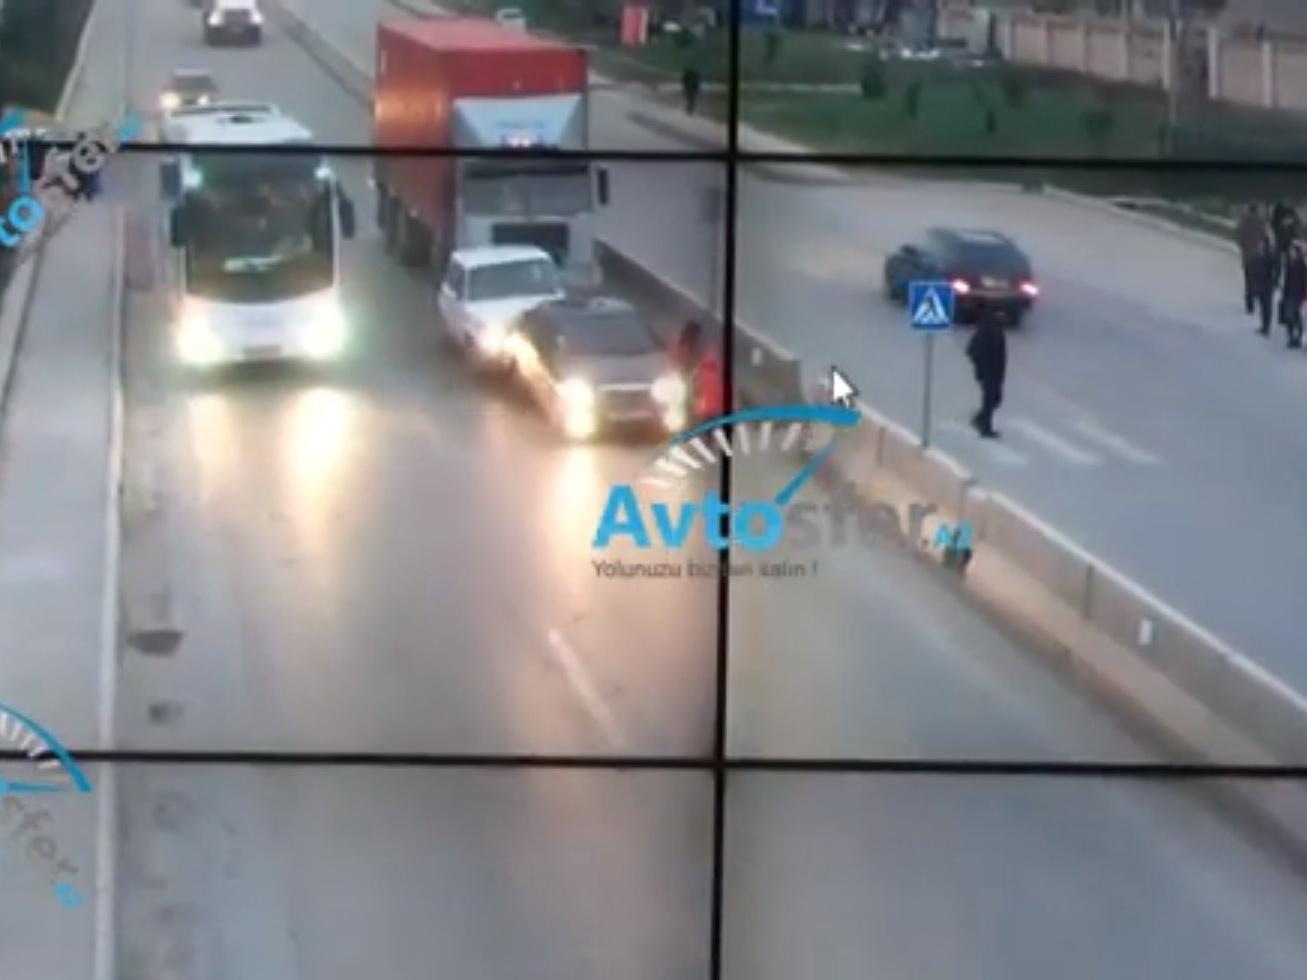 Шокирующее ДТП в Баку: Трейлер спровоцировал цепную аварию, мать с дочкой отбросило в бетонный отбойник – ВИДЕО